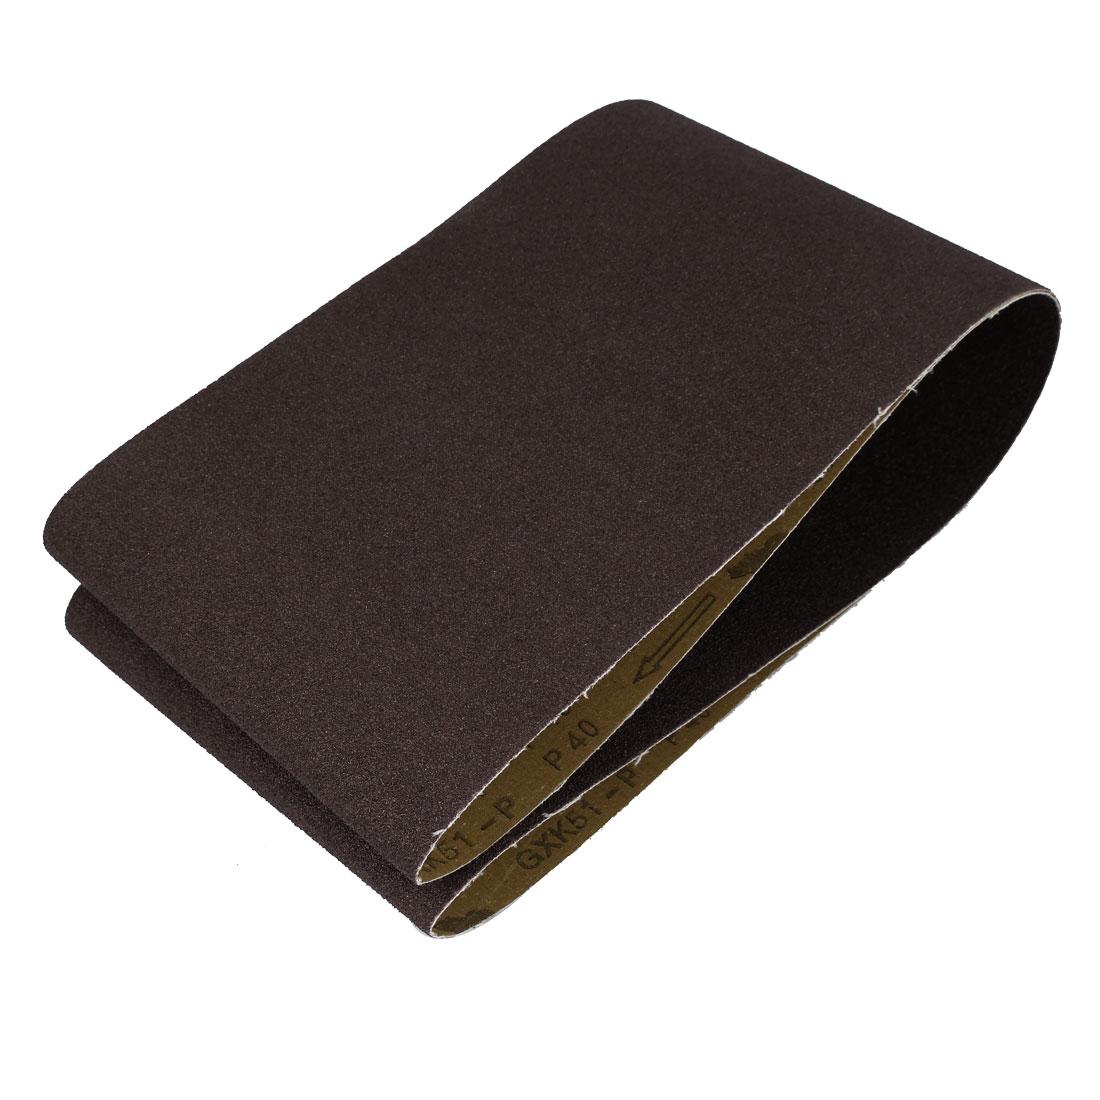 Woodworking 1520mmx200mm 40 Grit Abrasive Sanding Belt Sandpaper